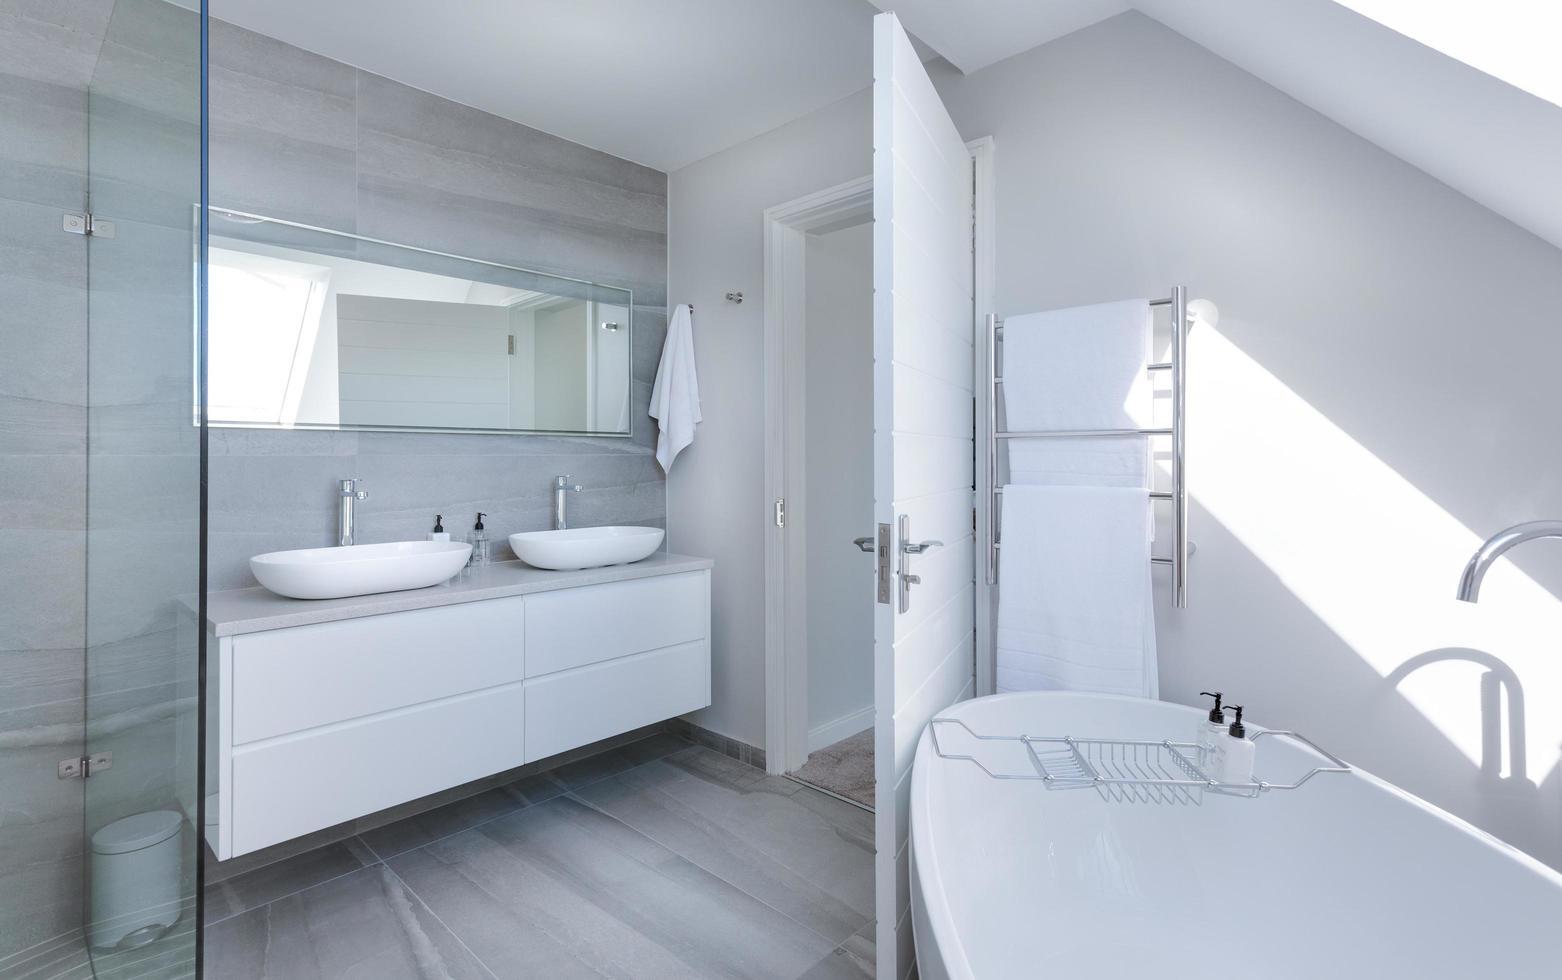 interno del bagno bianco e grigio foto